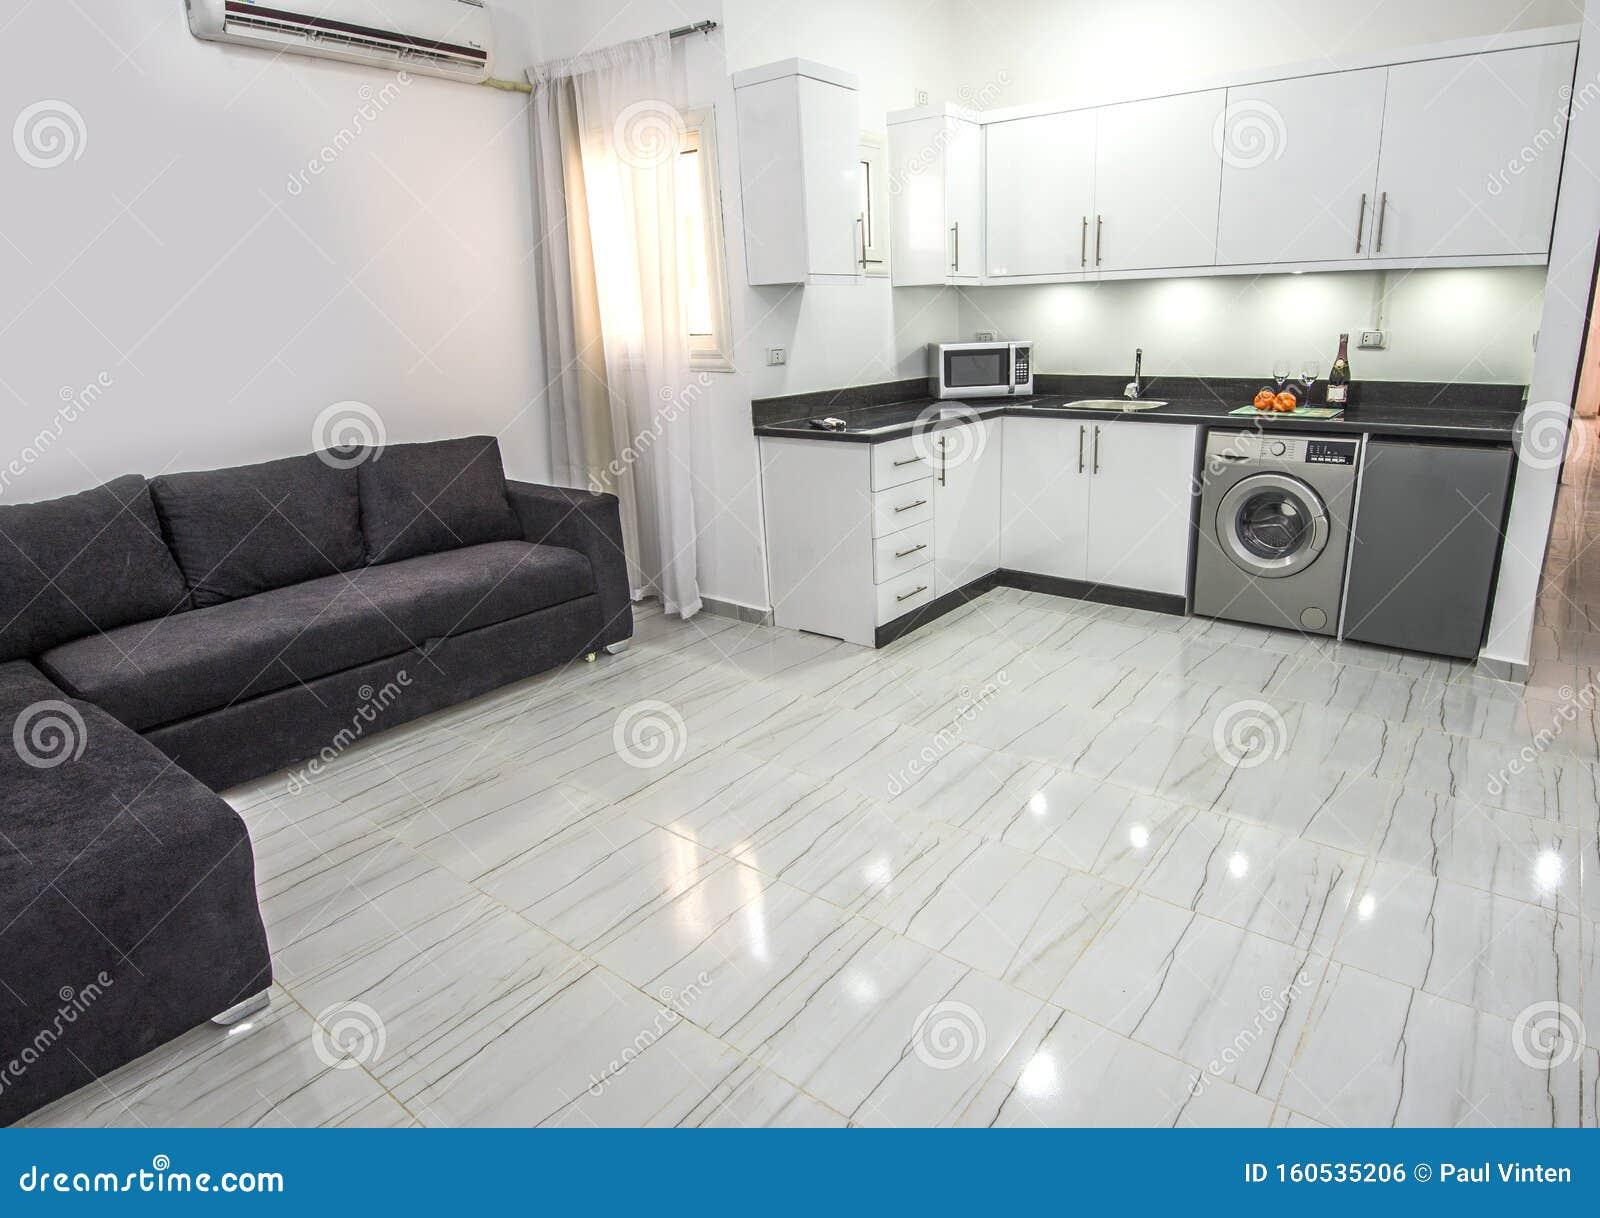 Interior Design Of Luxury Apartment Living Room Stock Photo Image Of Floor Machine 160535206